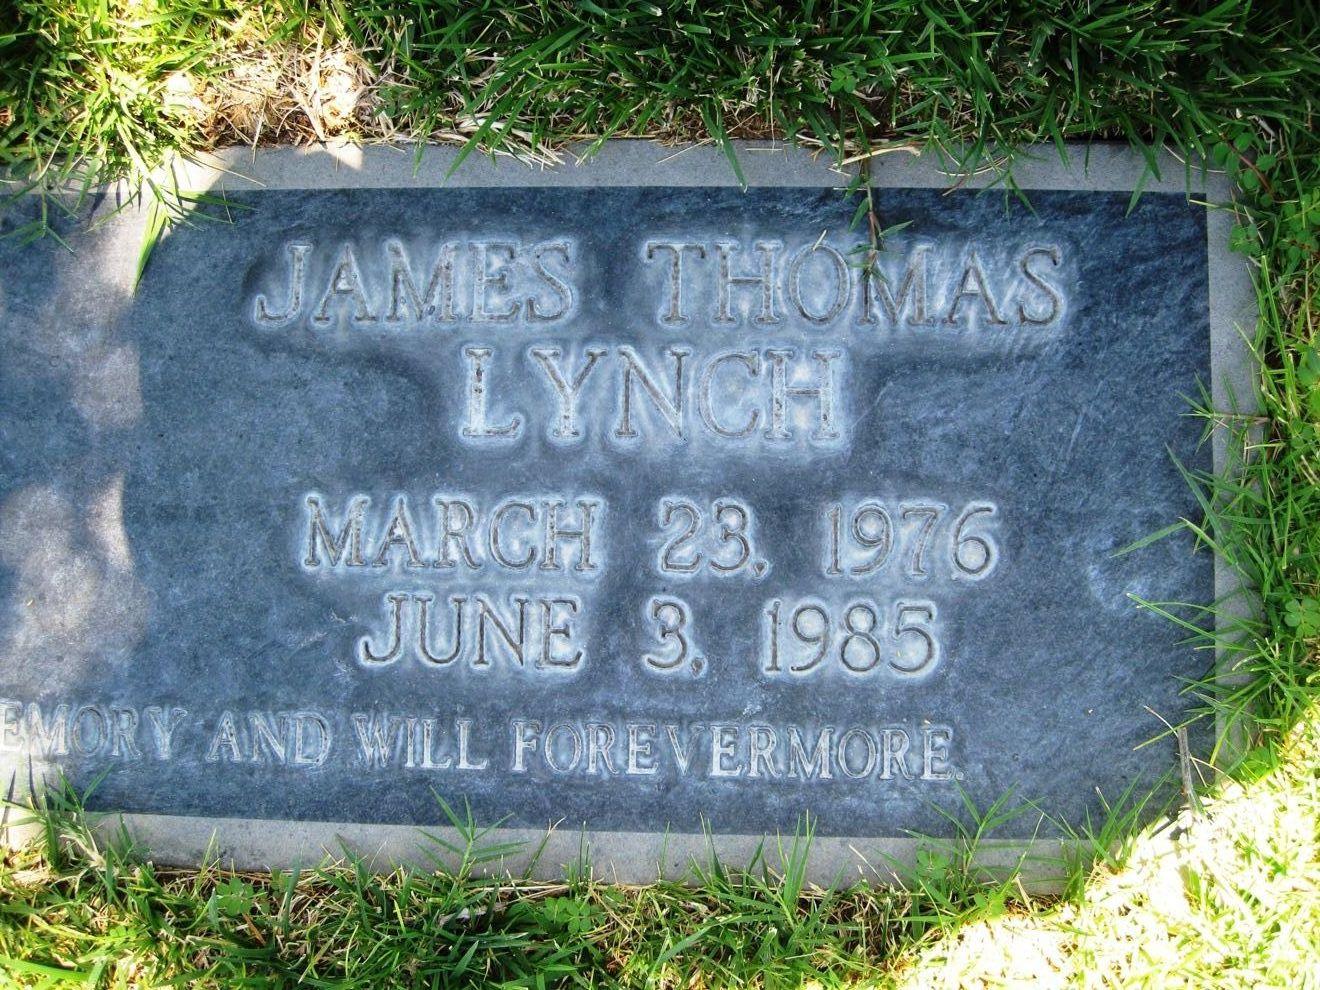 James Thomas Lynch